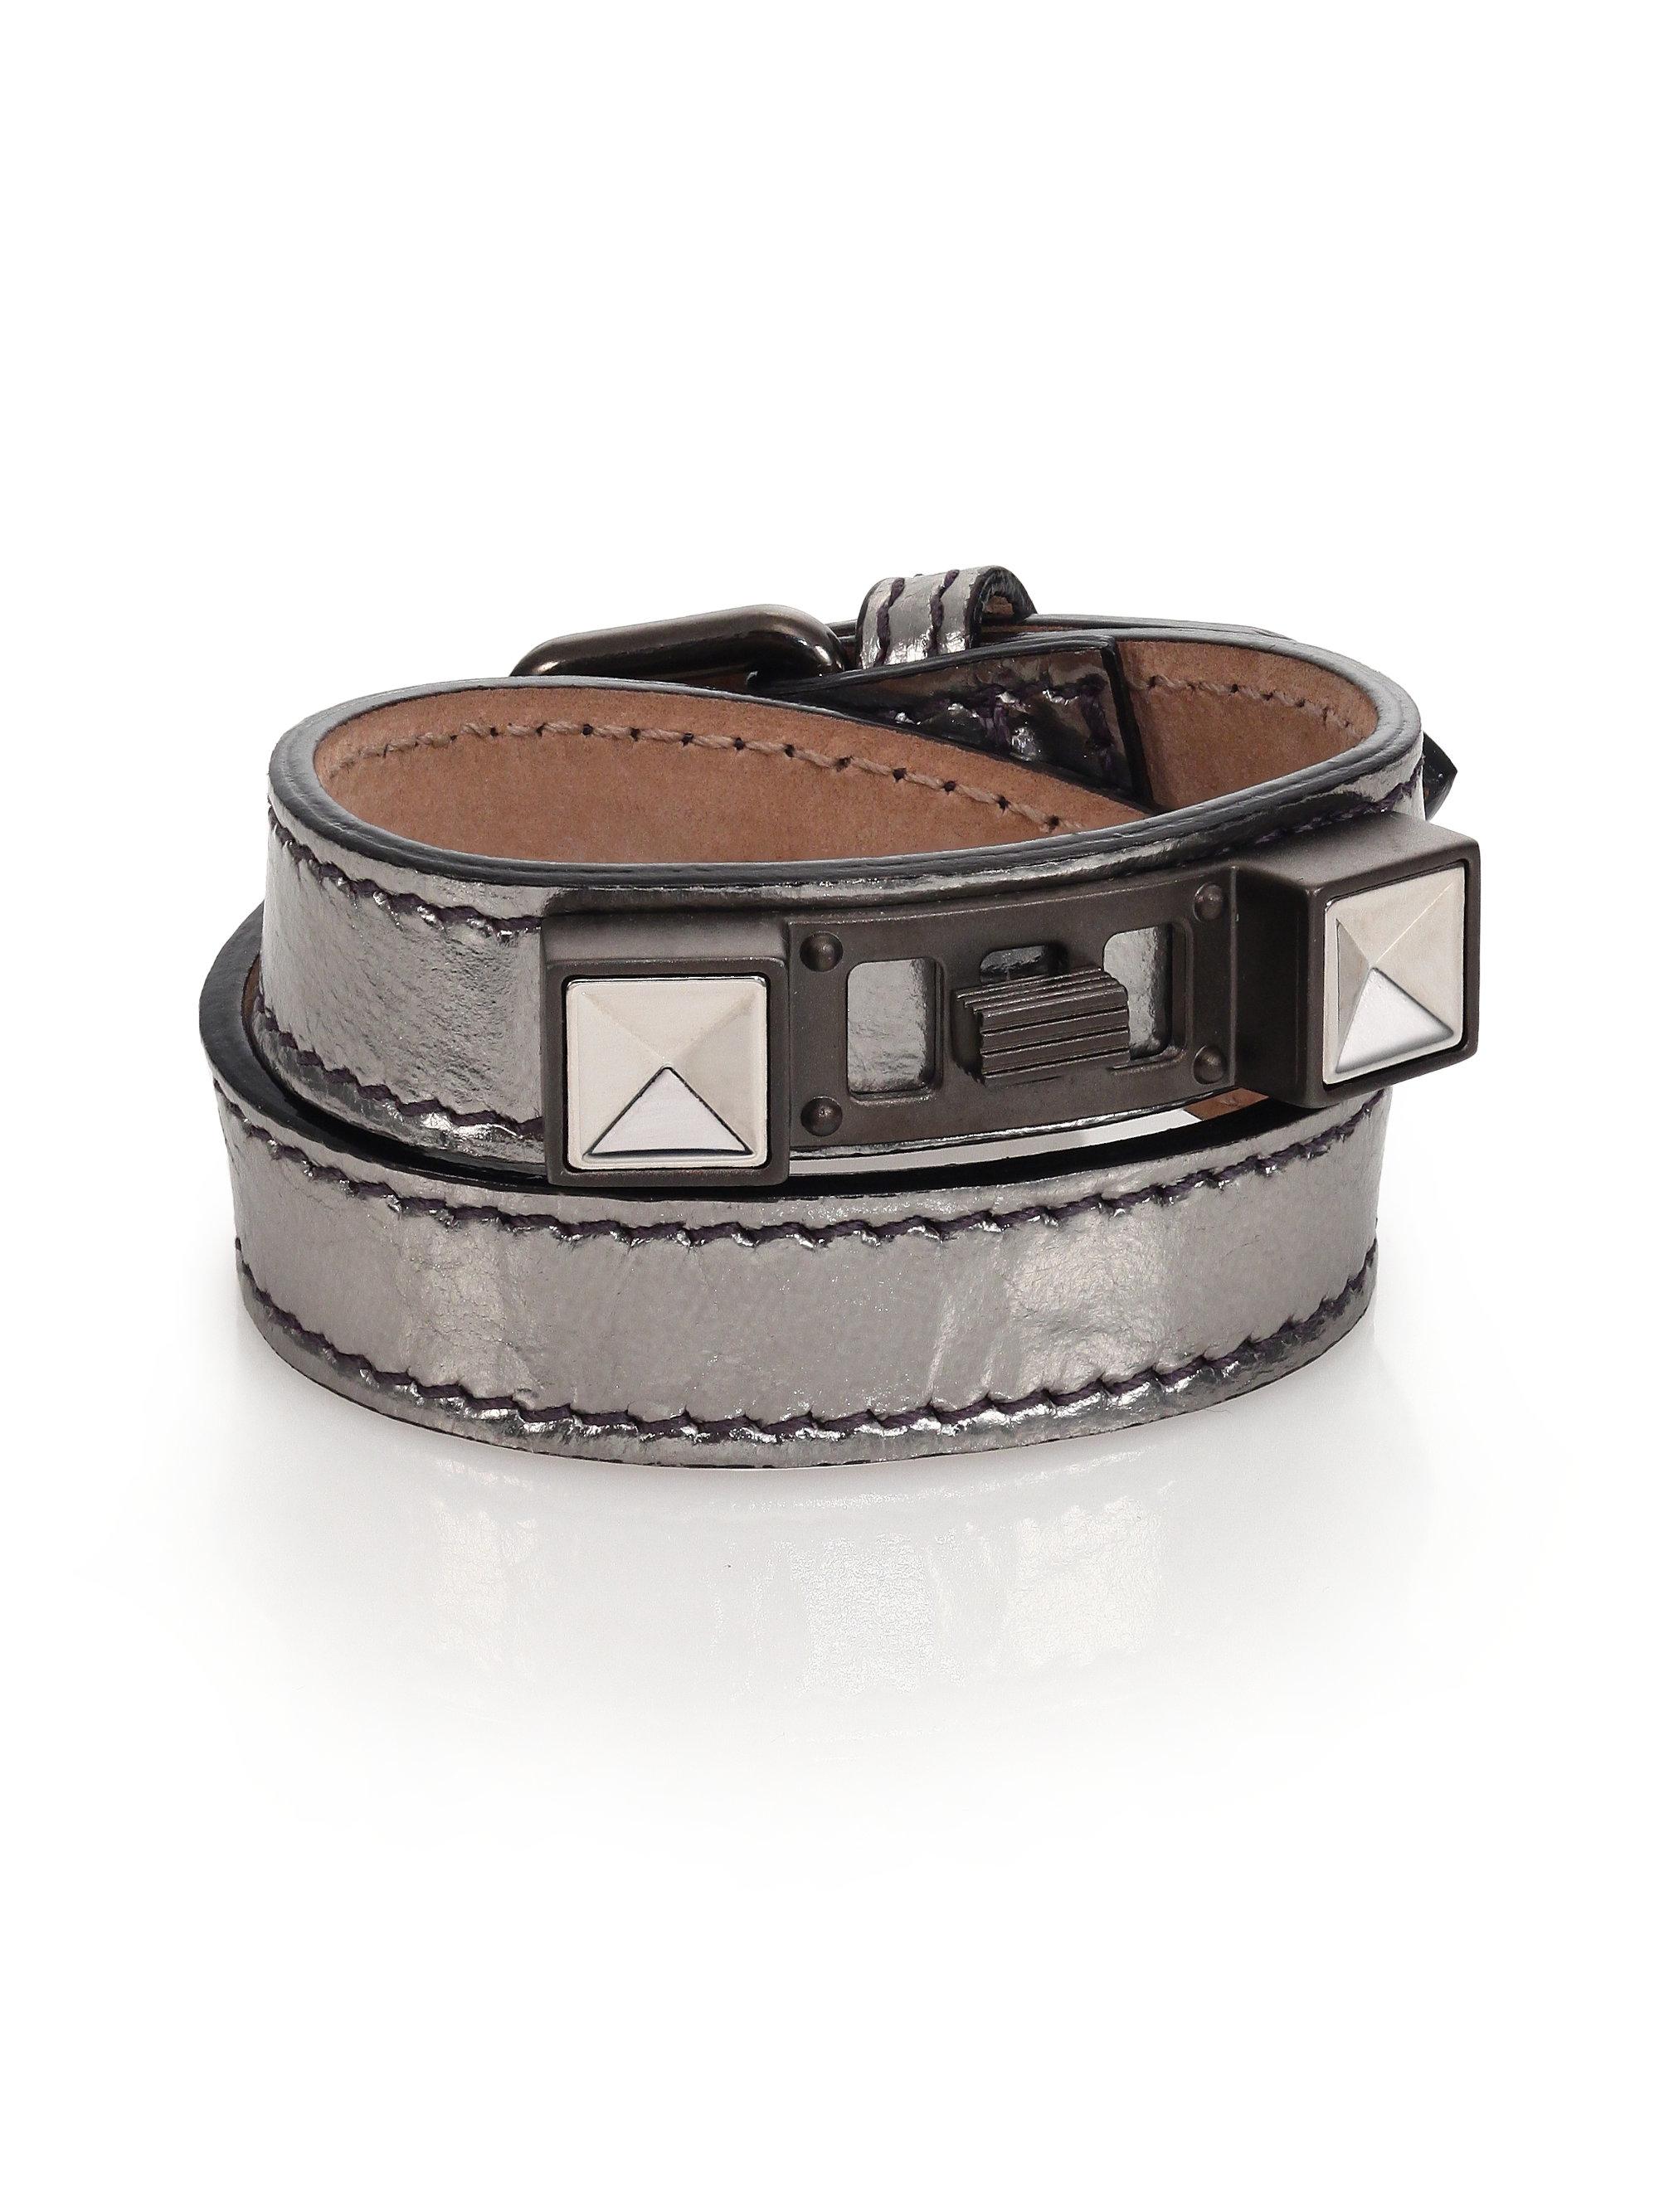 Proenza schouler Ps11 Metallic Leather Bracelet in ...